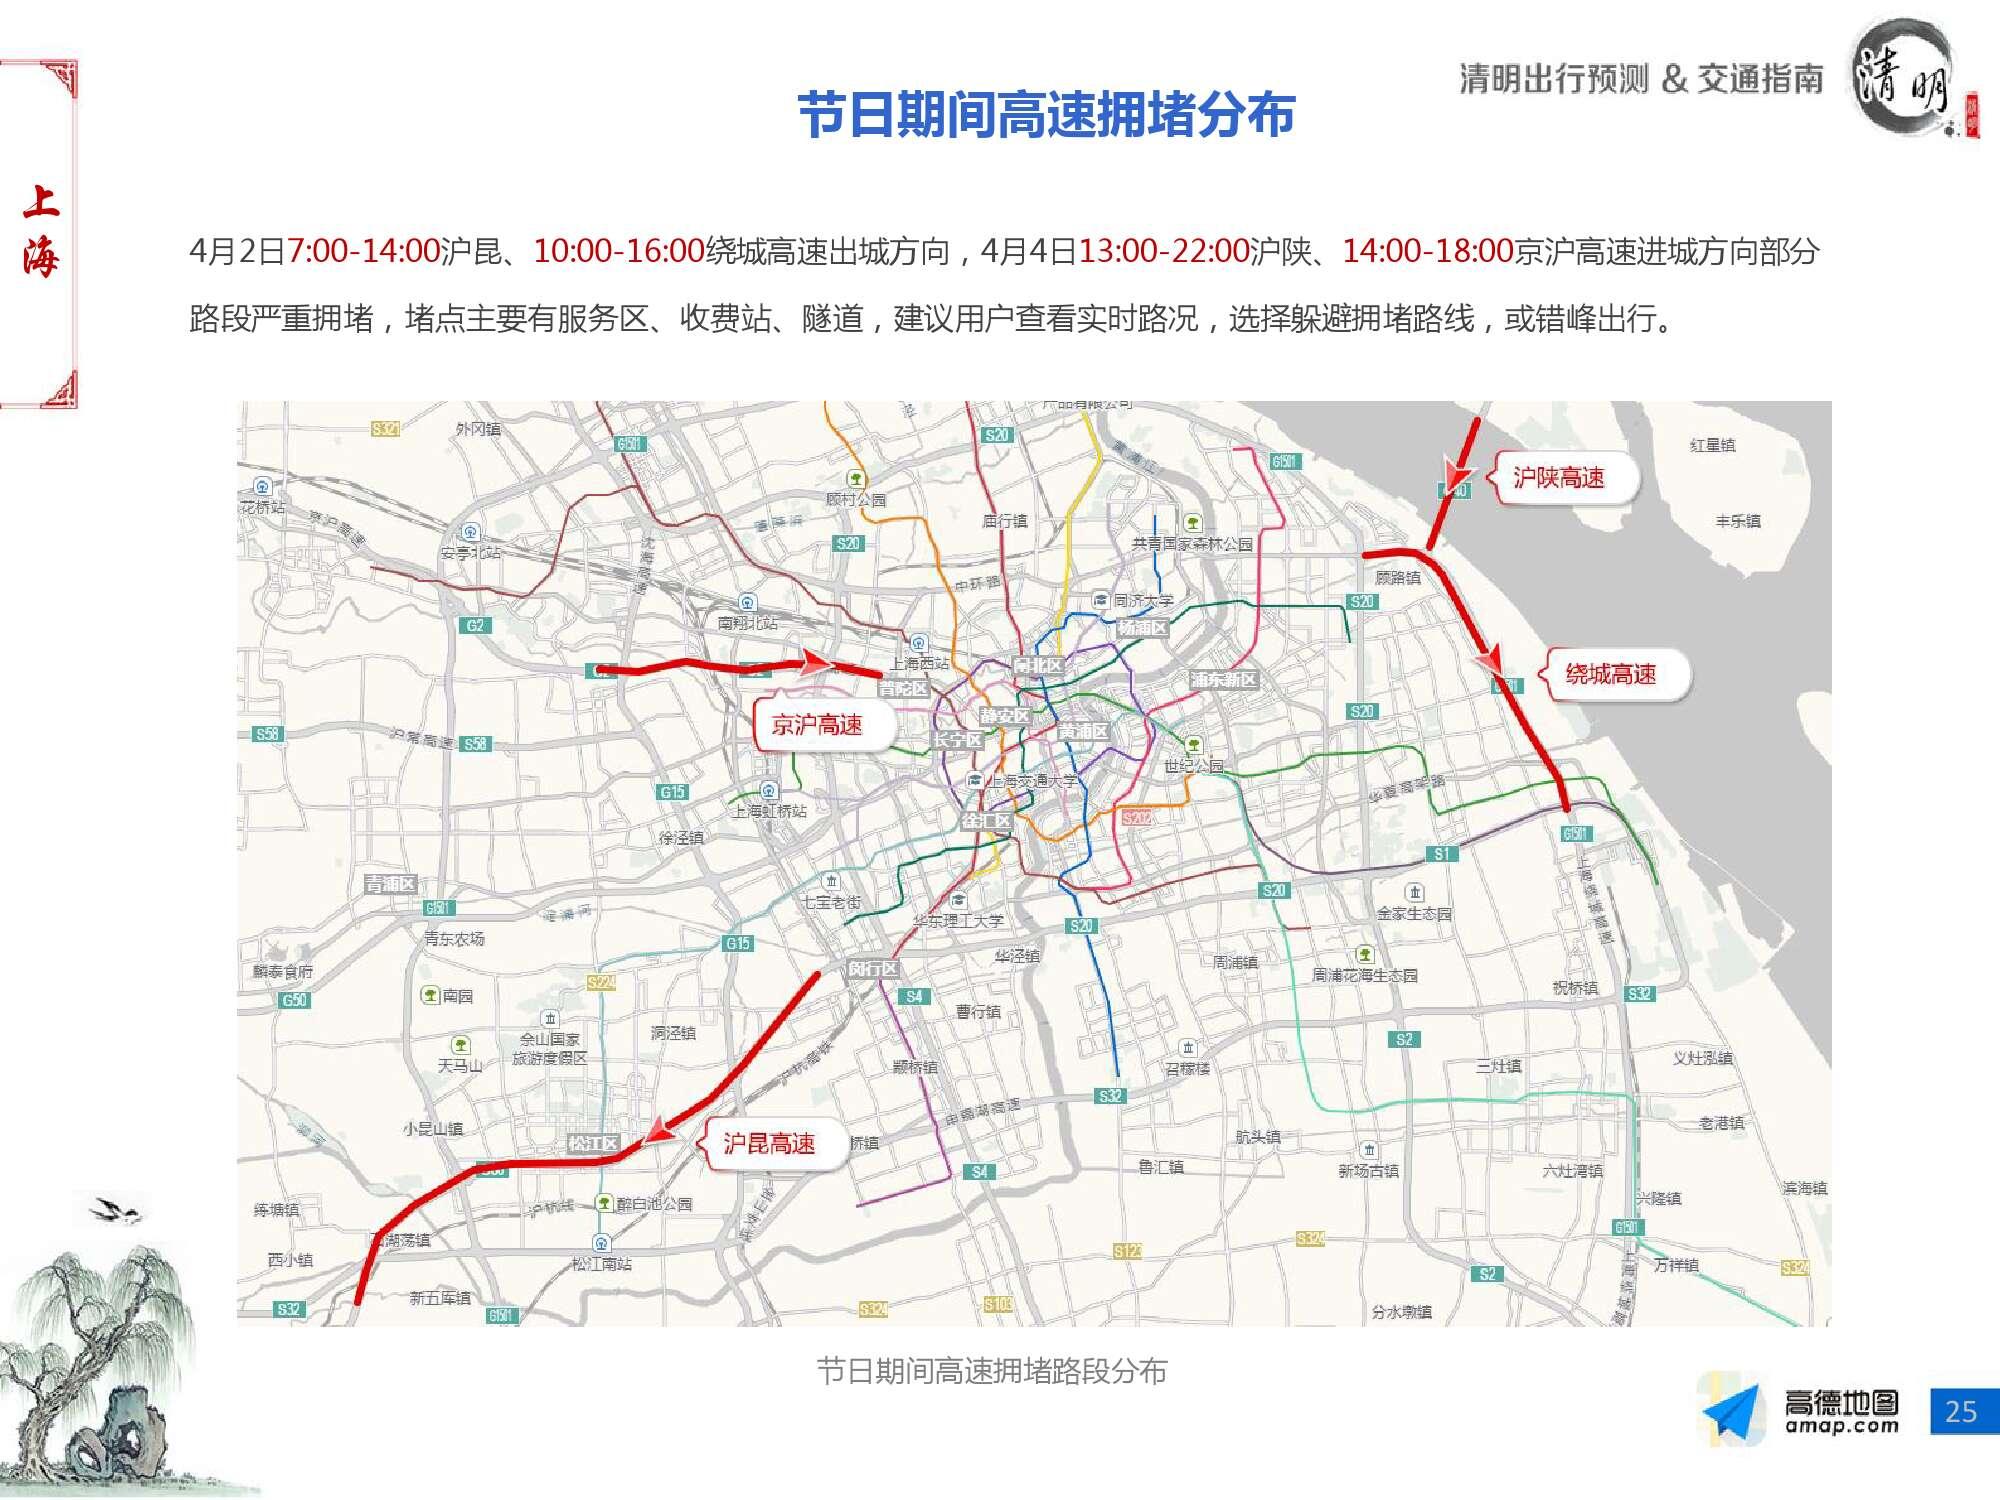 2016年清明节出行预测报告-final_000025